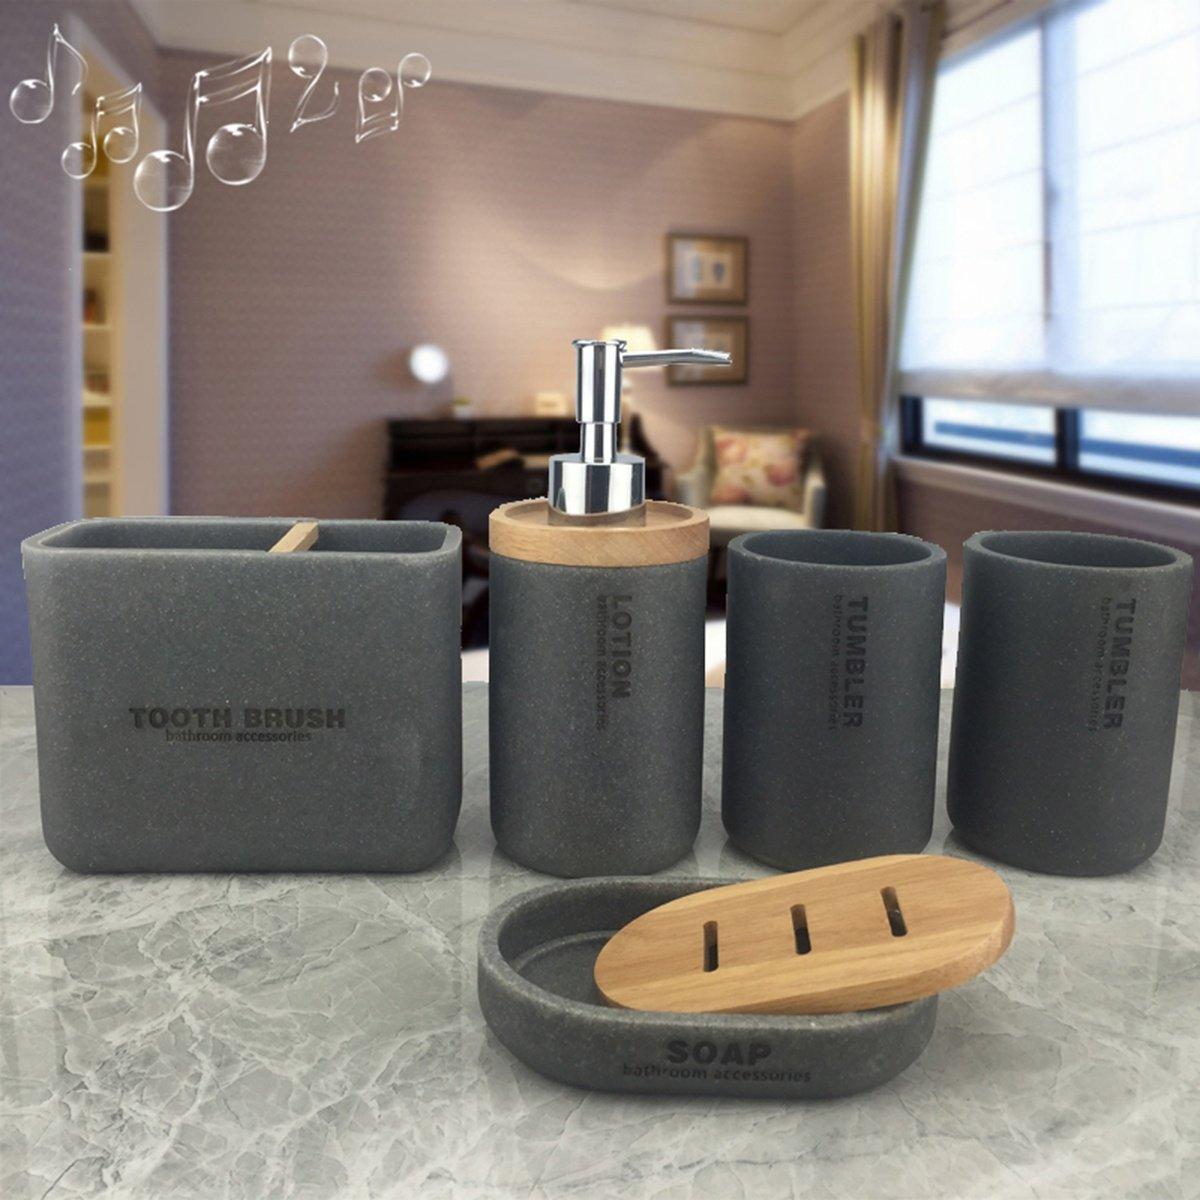 PLYY Accessori per il bagno, realizzati in resina, con dispenser per sapone, tazza per spazzolino, portasapone, set da bagno di lusso, per l'arredamento, ottimo regalo, white per l' arredamento QWER